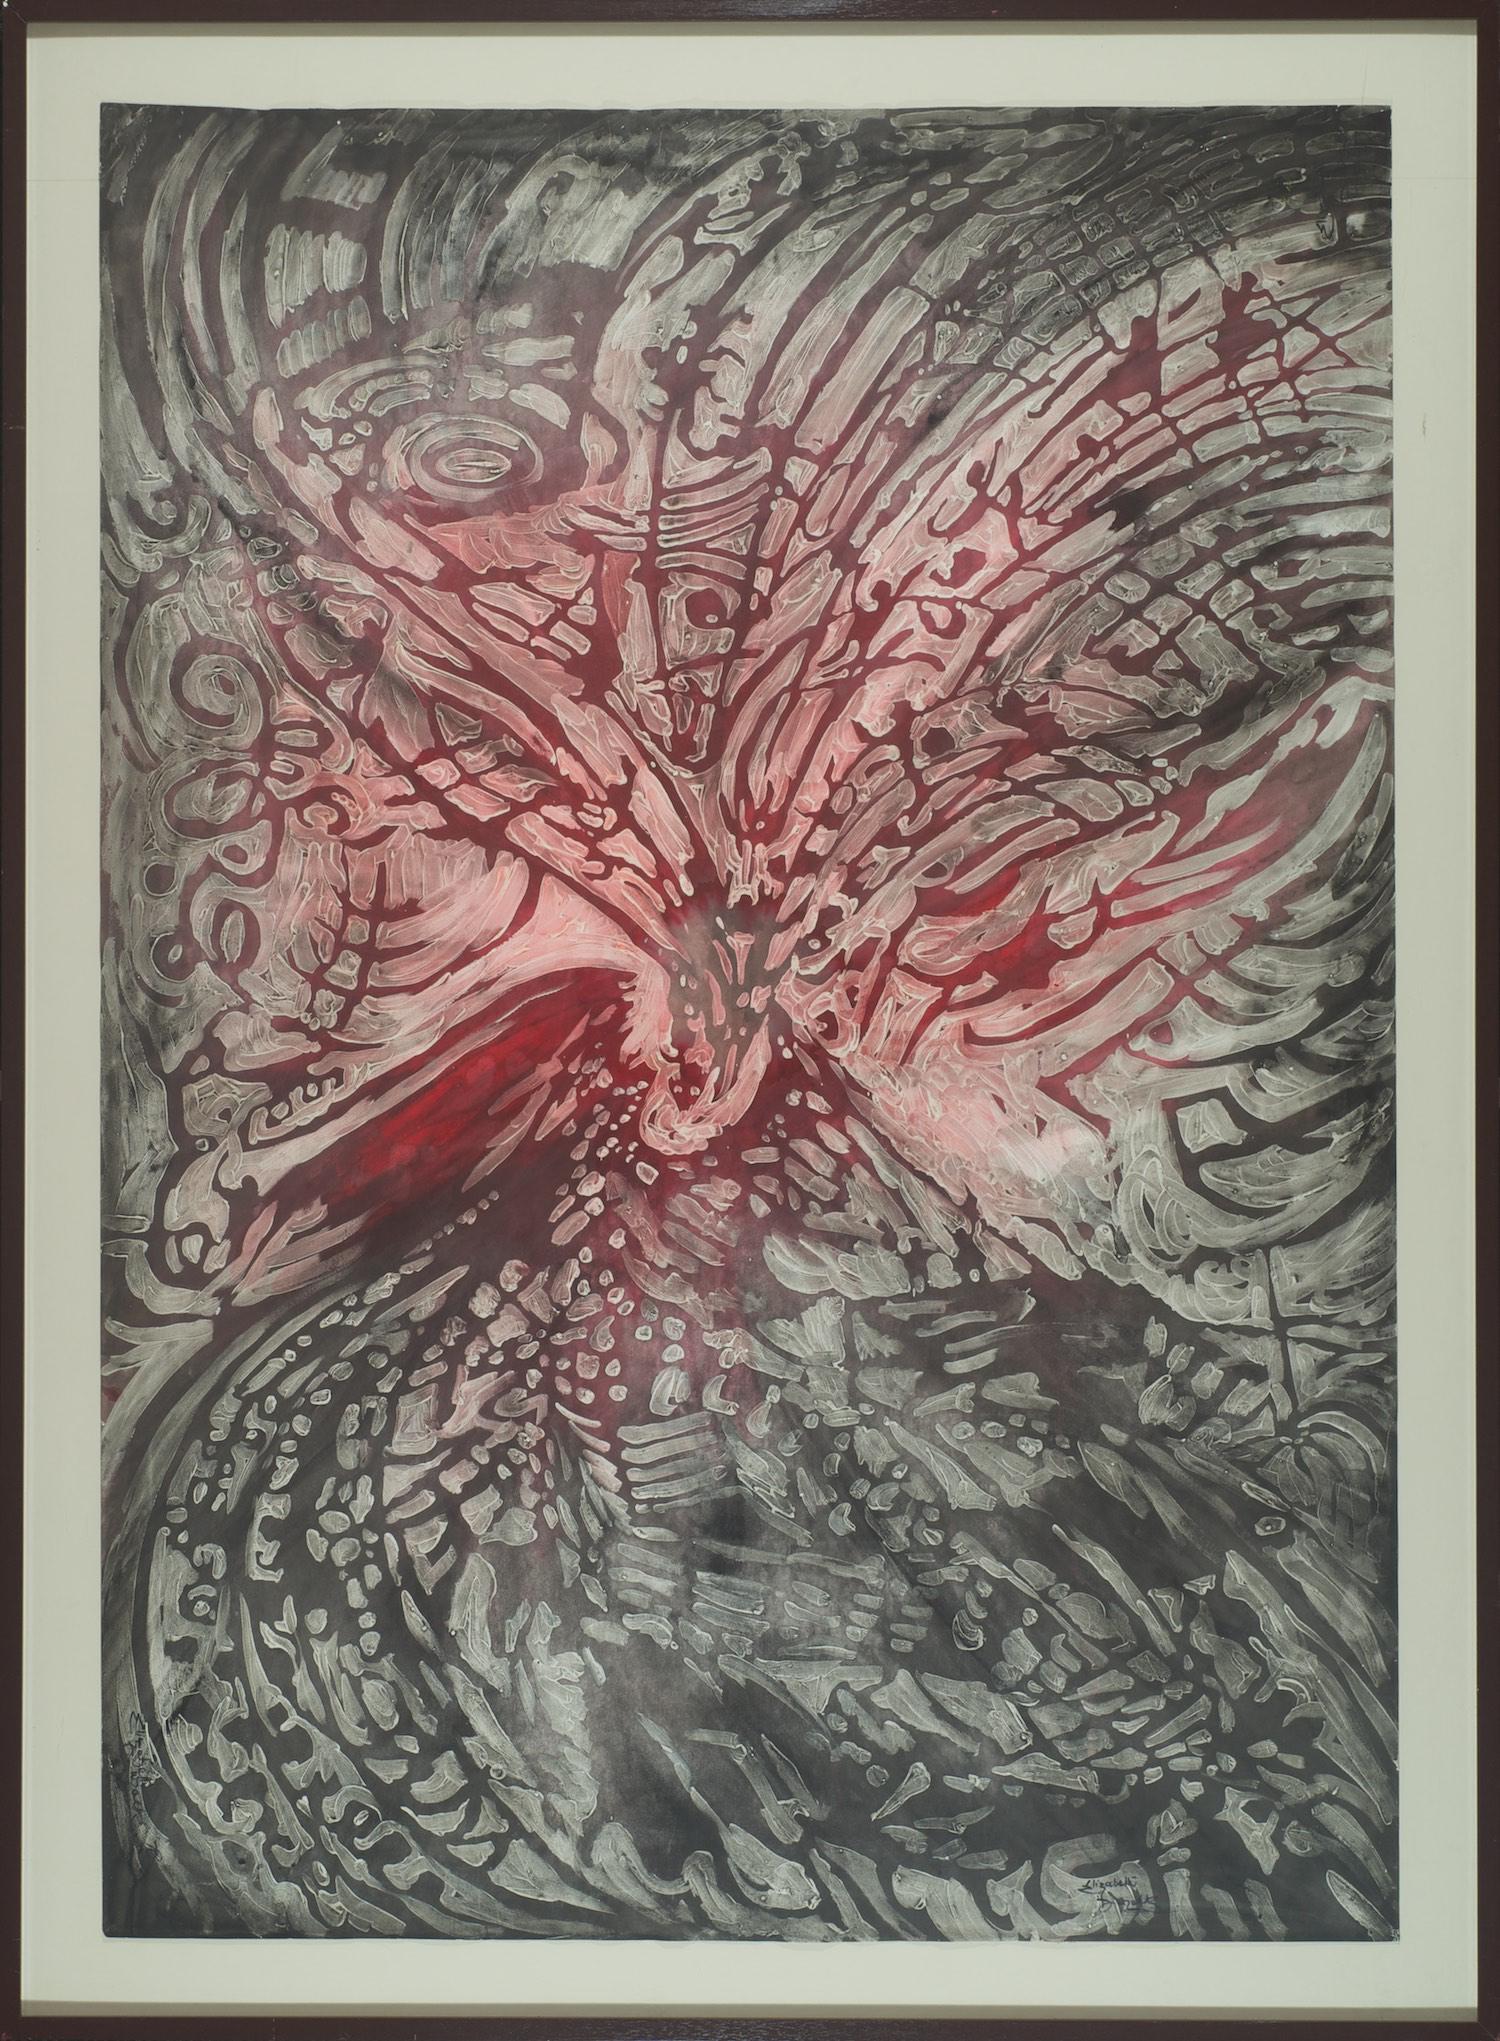 Elizabeth Durack 'Beyond the RIm' 117cm x 160cm